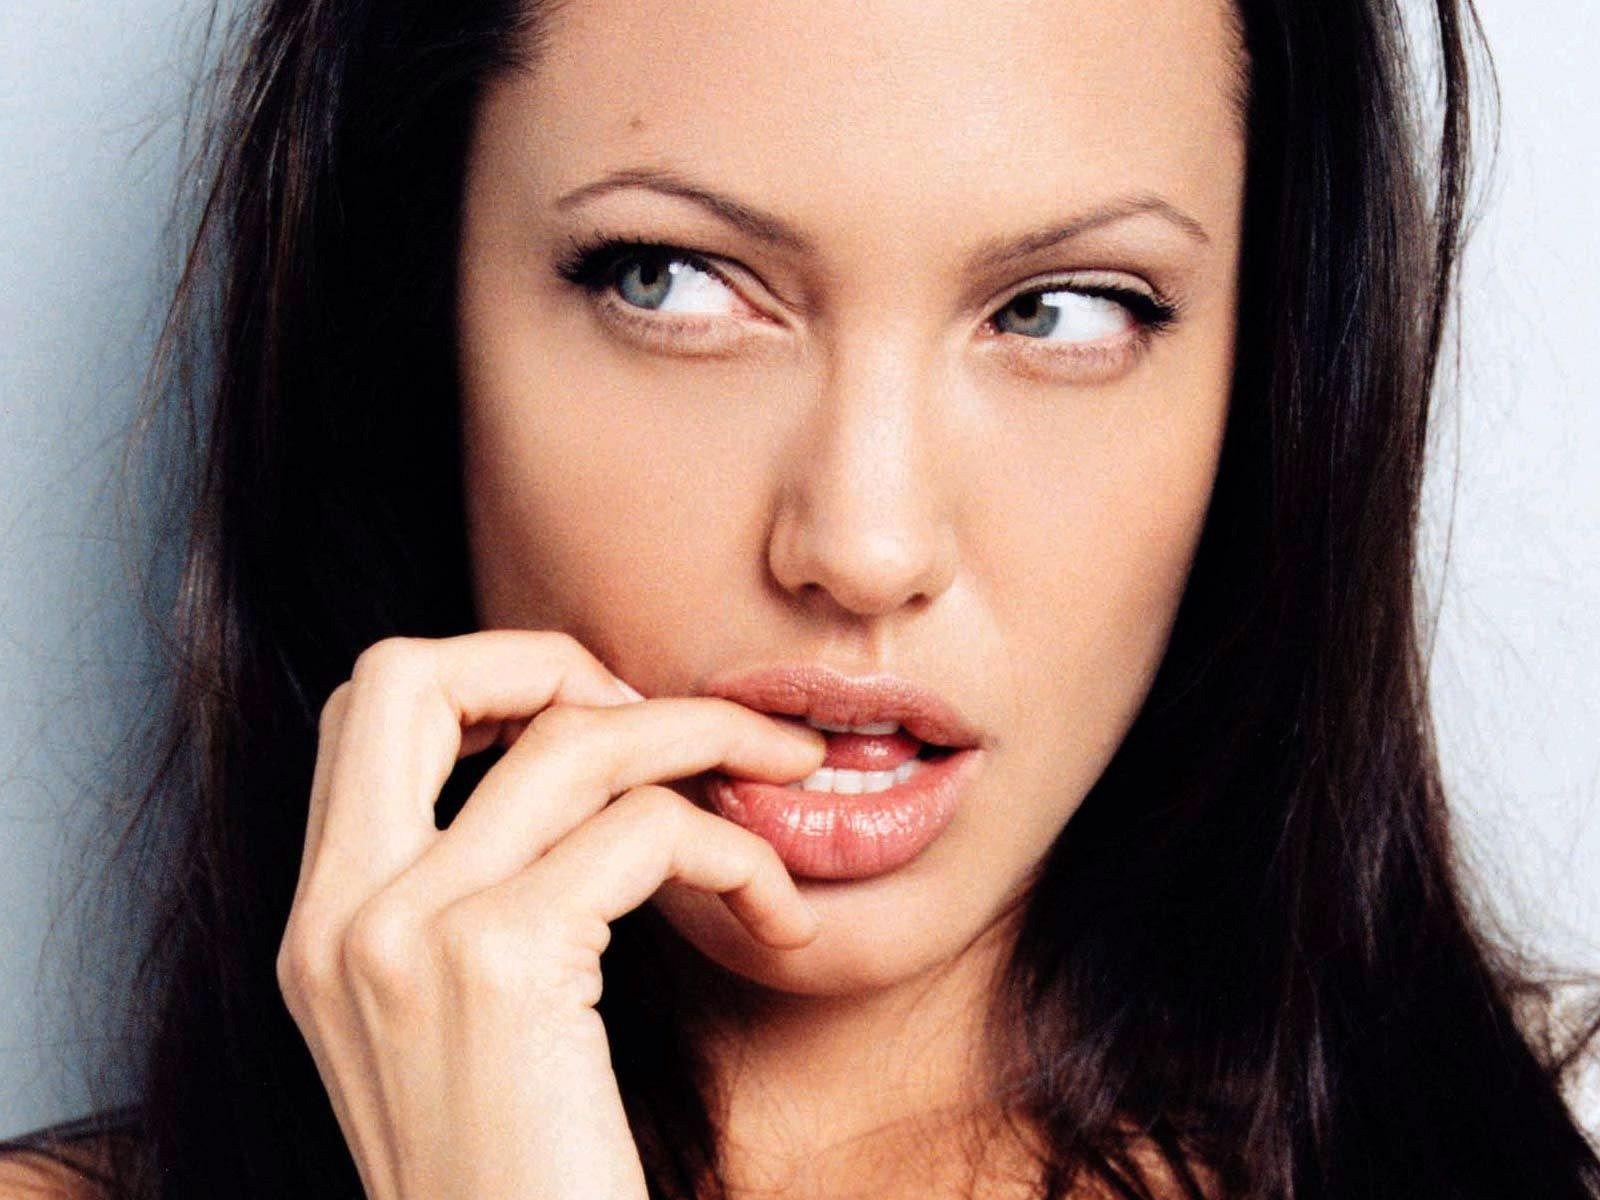 http://1.bp.blogspot.com/-JApjj9OUy4Q/T6EvTN3_KmI/AAAAAAAAA5Y/gwLWVPA06Ao/s1600/929-celebrity_angelina_jolie_wallpaper.jpg